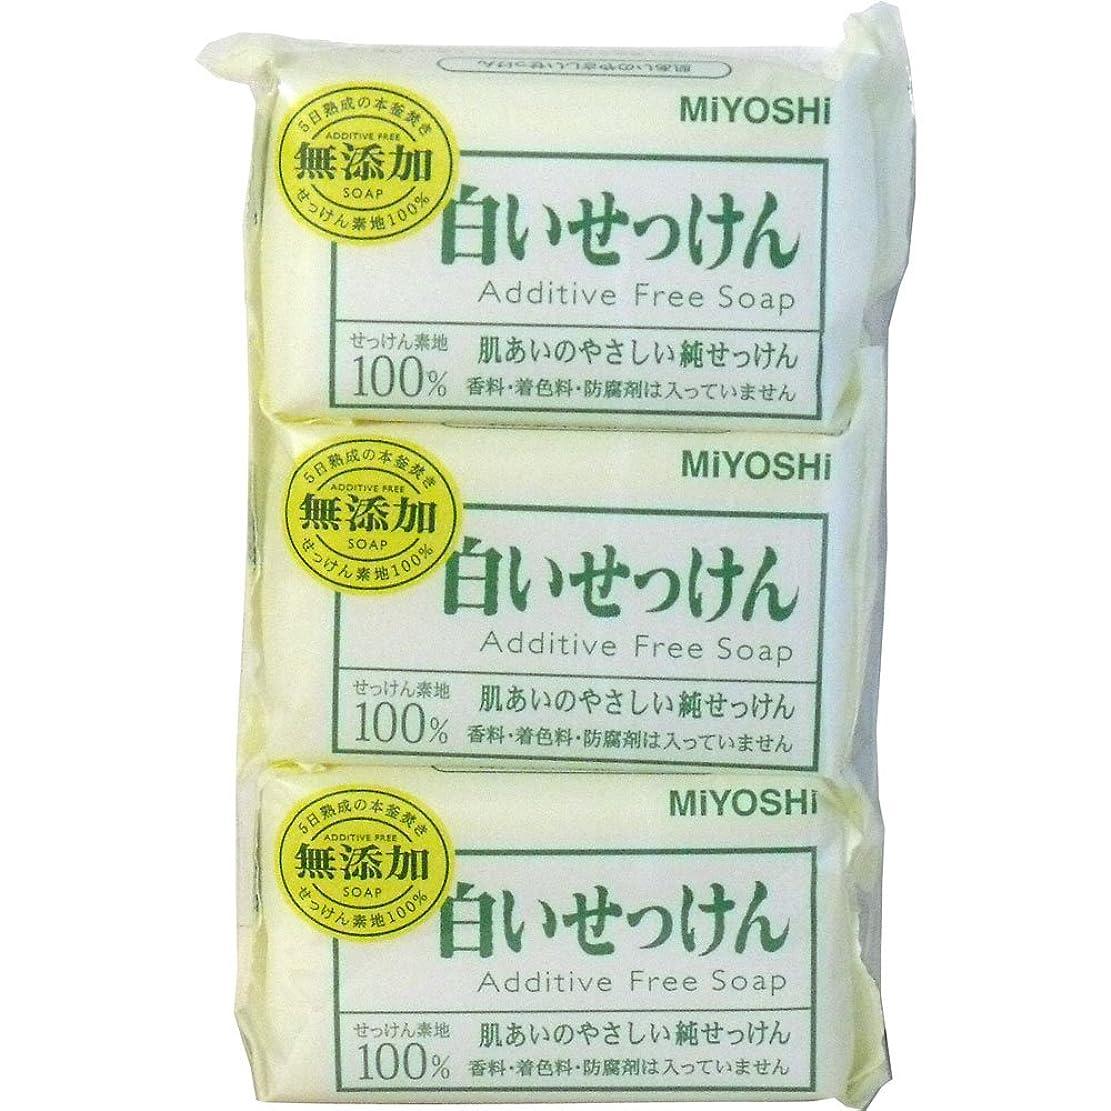 プレミアム保険をかけるレンド【ミヨシ】ミヨシ 無添加 白いせっけん 108g×3個入 ×5個セット